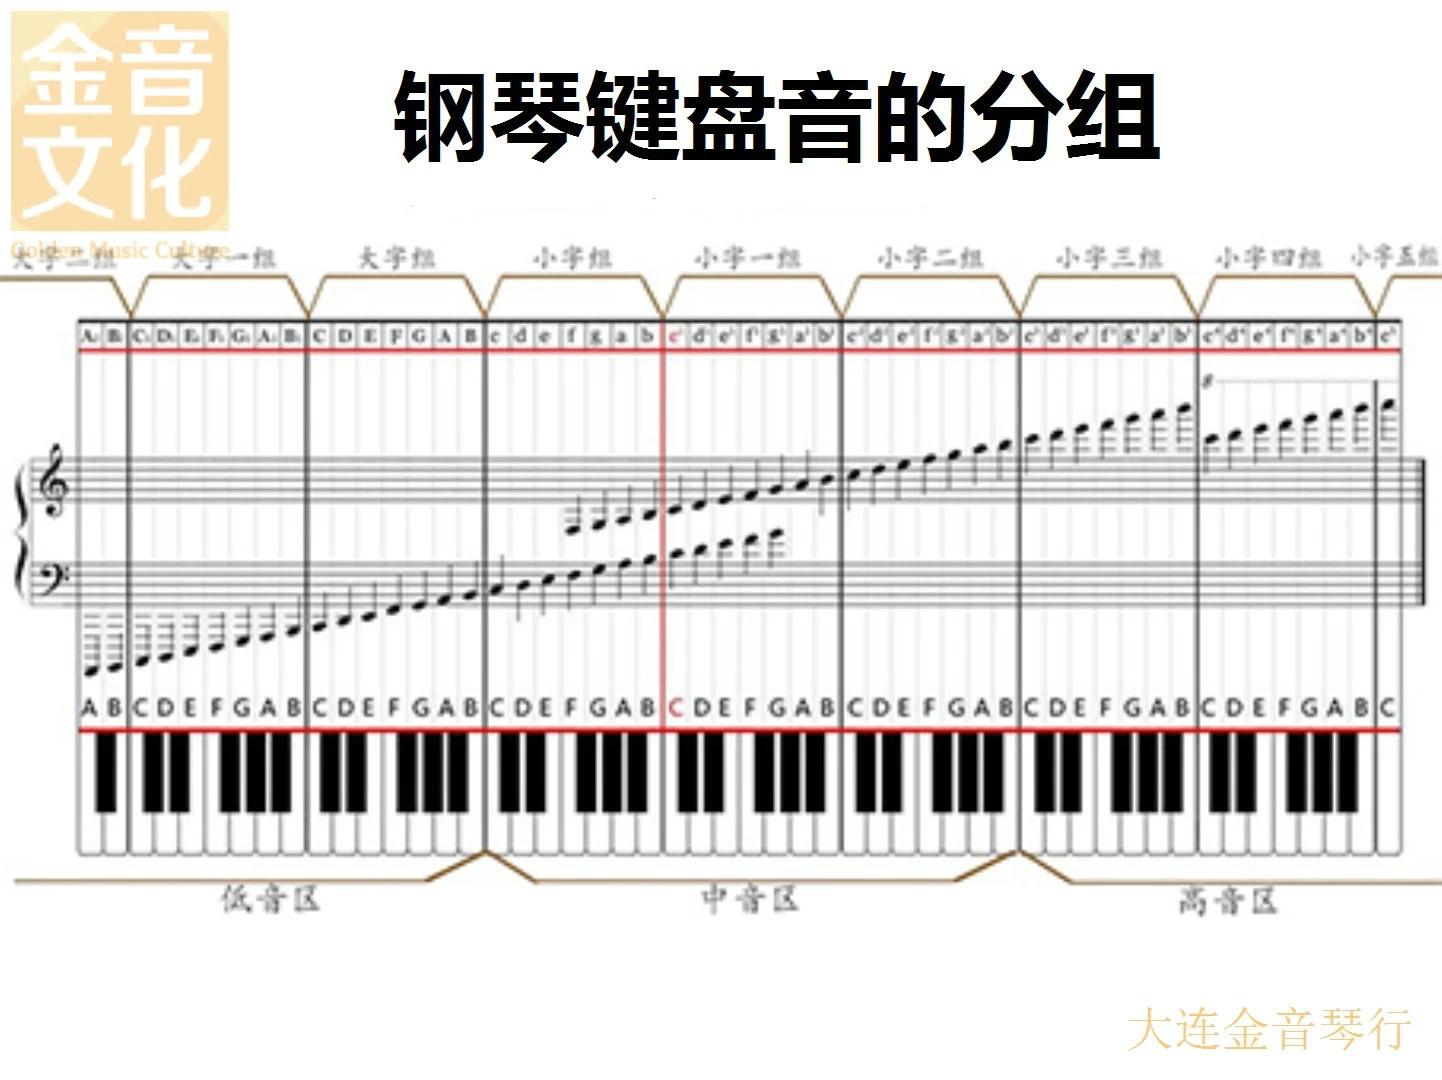 钢琴学习入门之钢琴基础乐理知识(三)